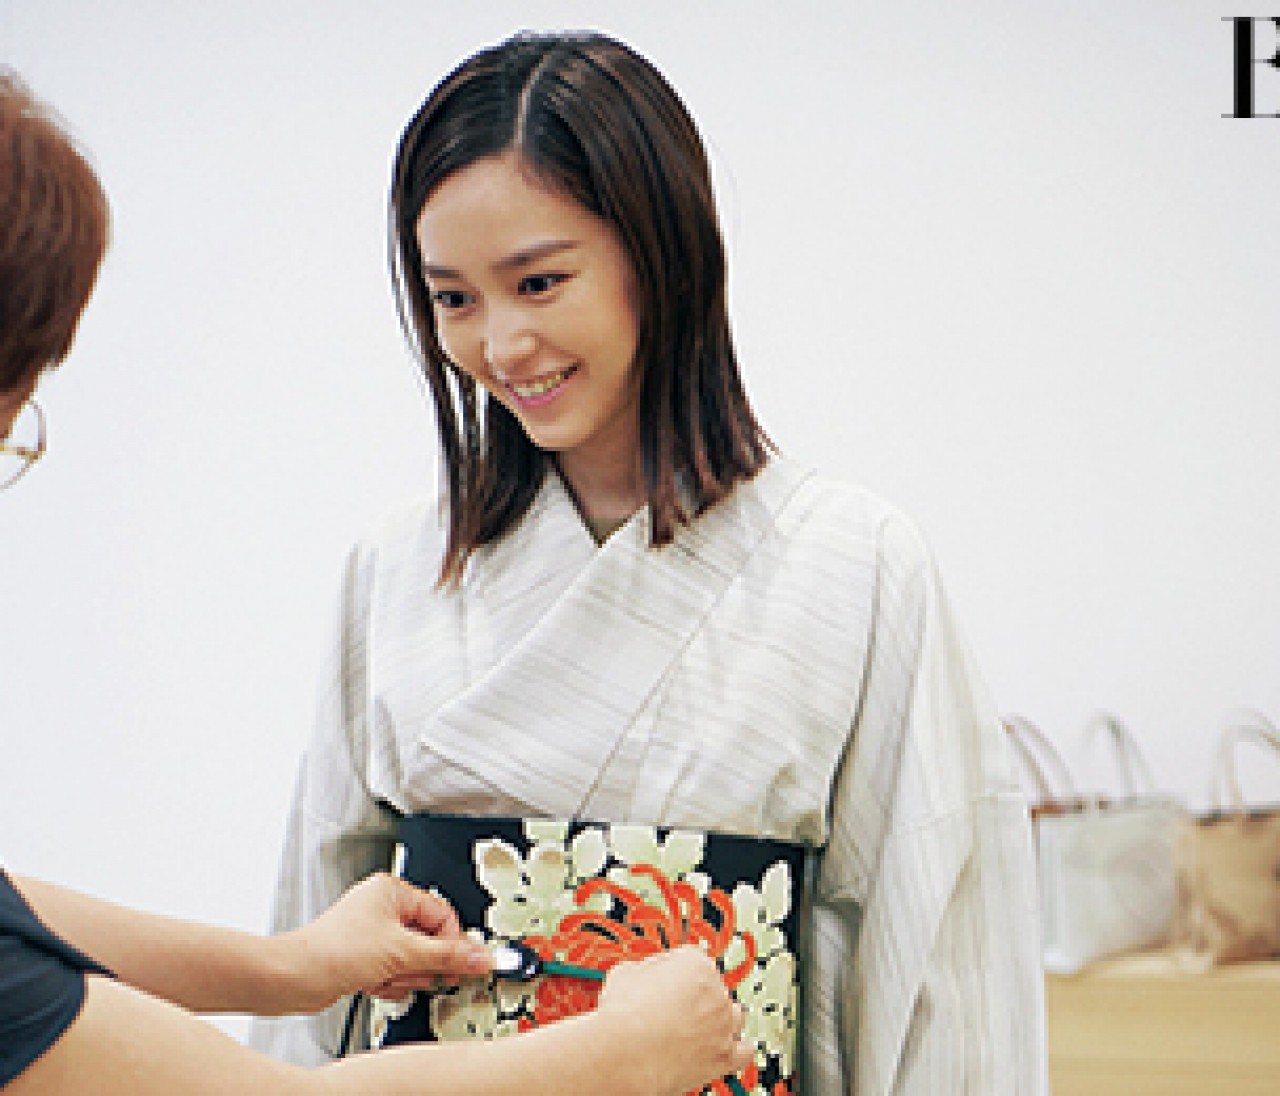 京都を旅する桐谷美玲のレンタル着物選びに密着【30代の和装・きもの】